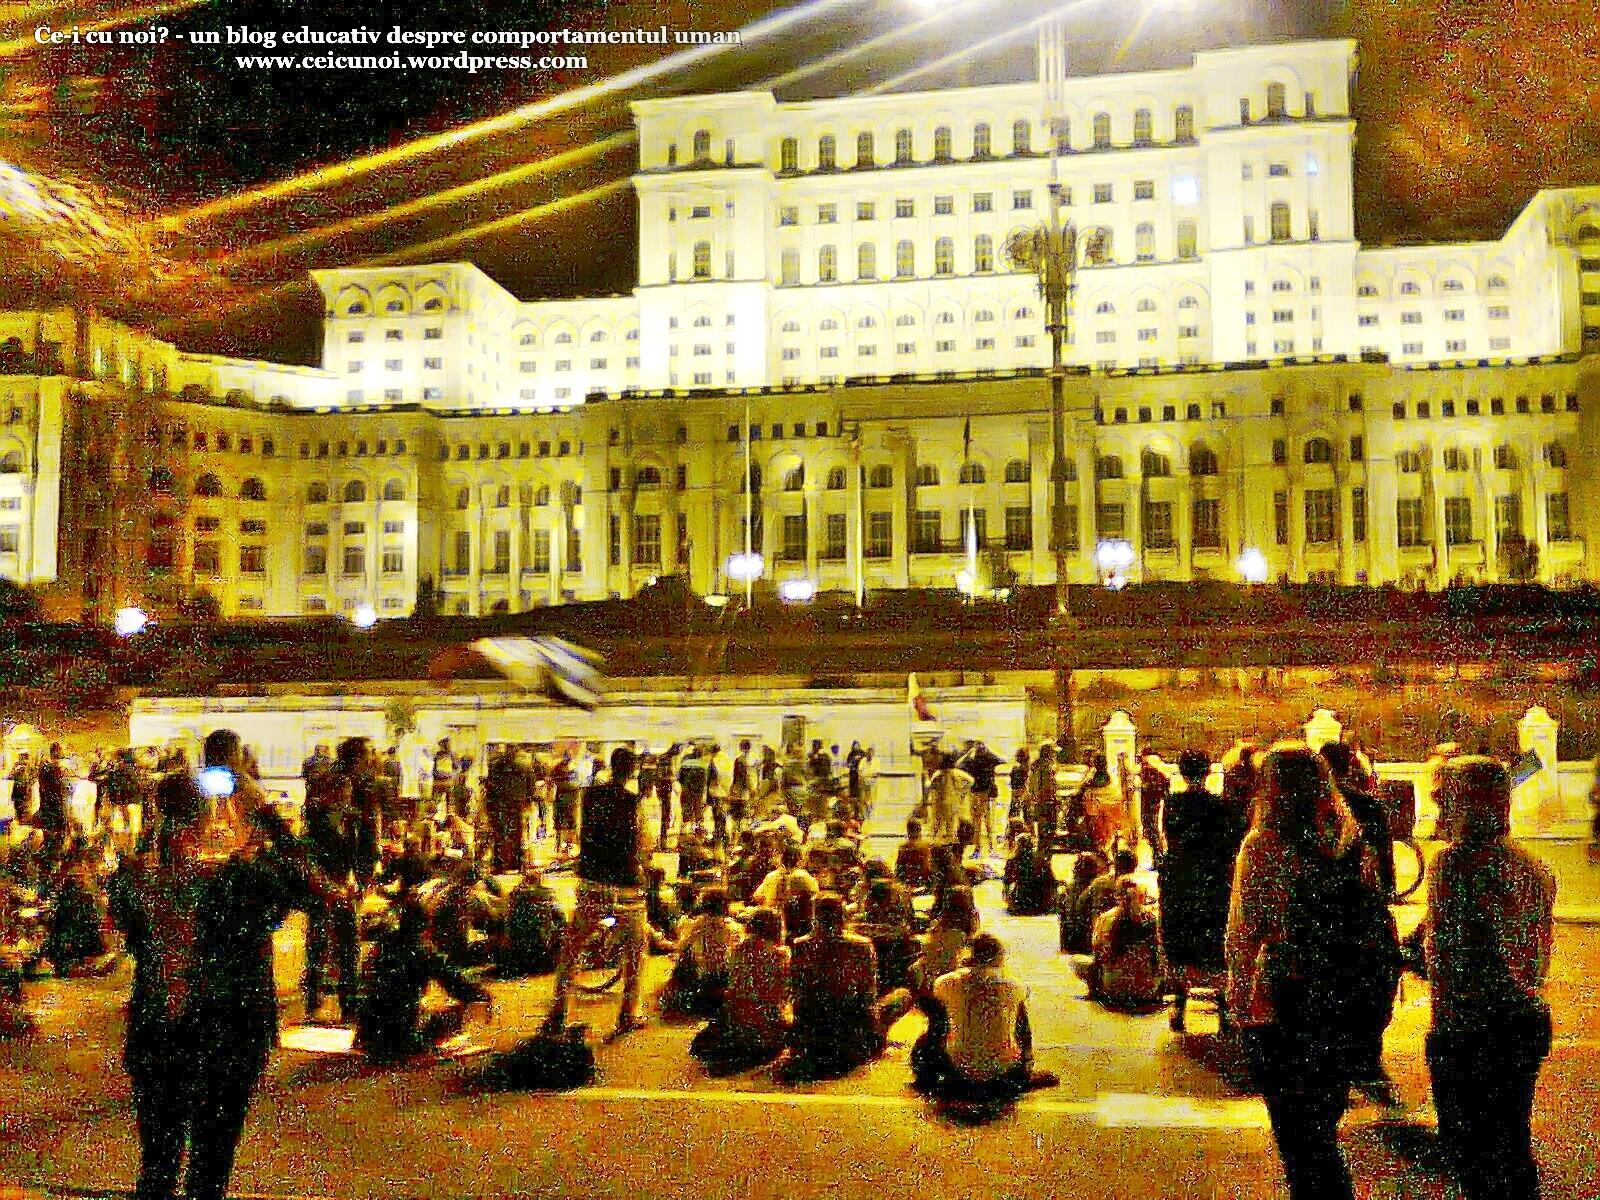 Imagini pentru imagini protestatari